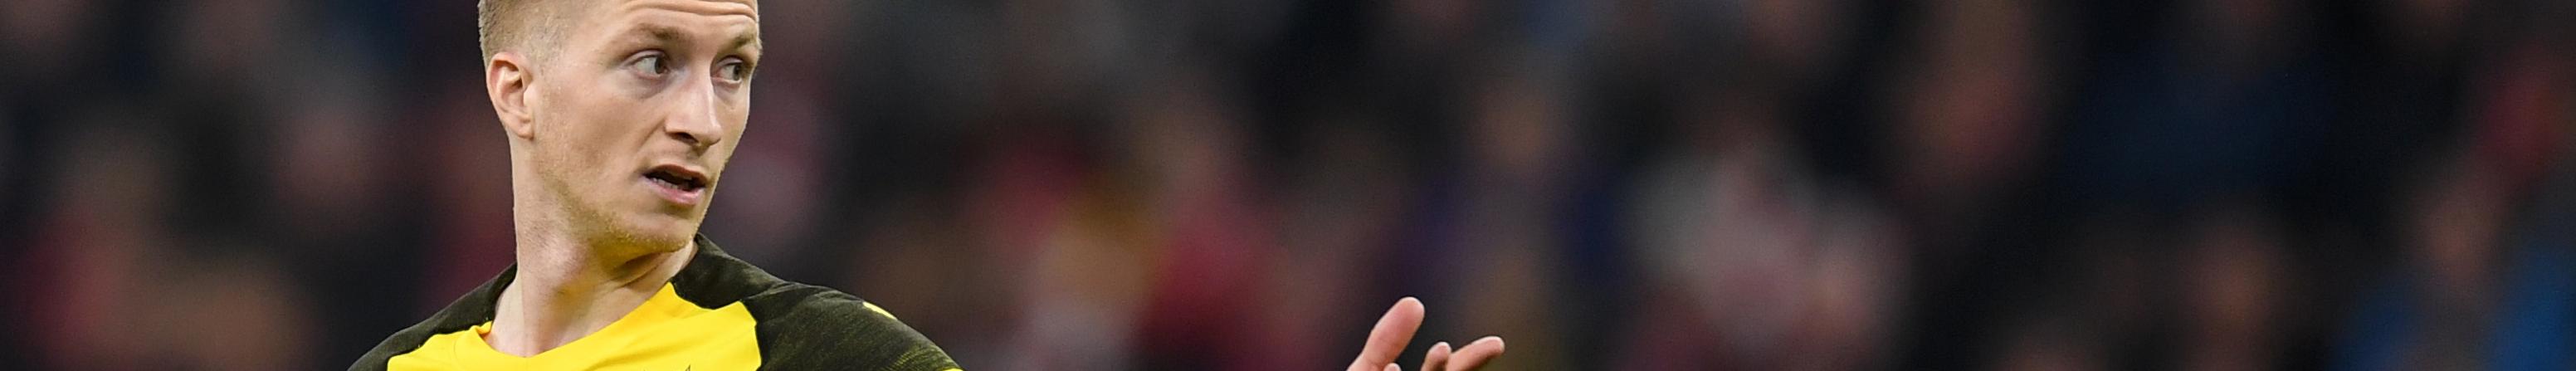 Borussia Dortmund-Mainz, una vittoria per rimettersi in carreggiata